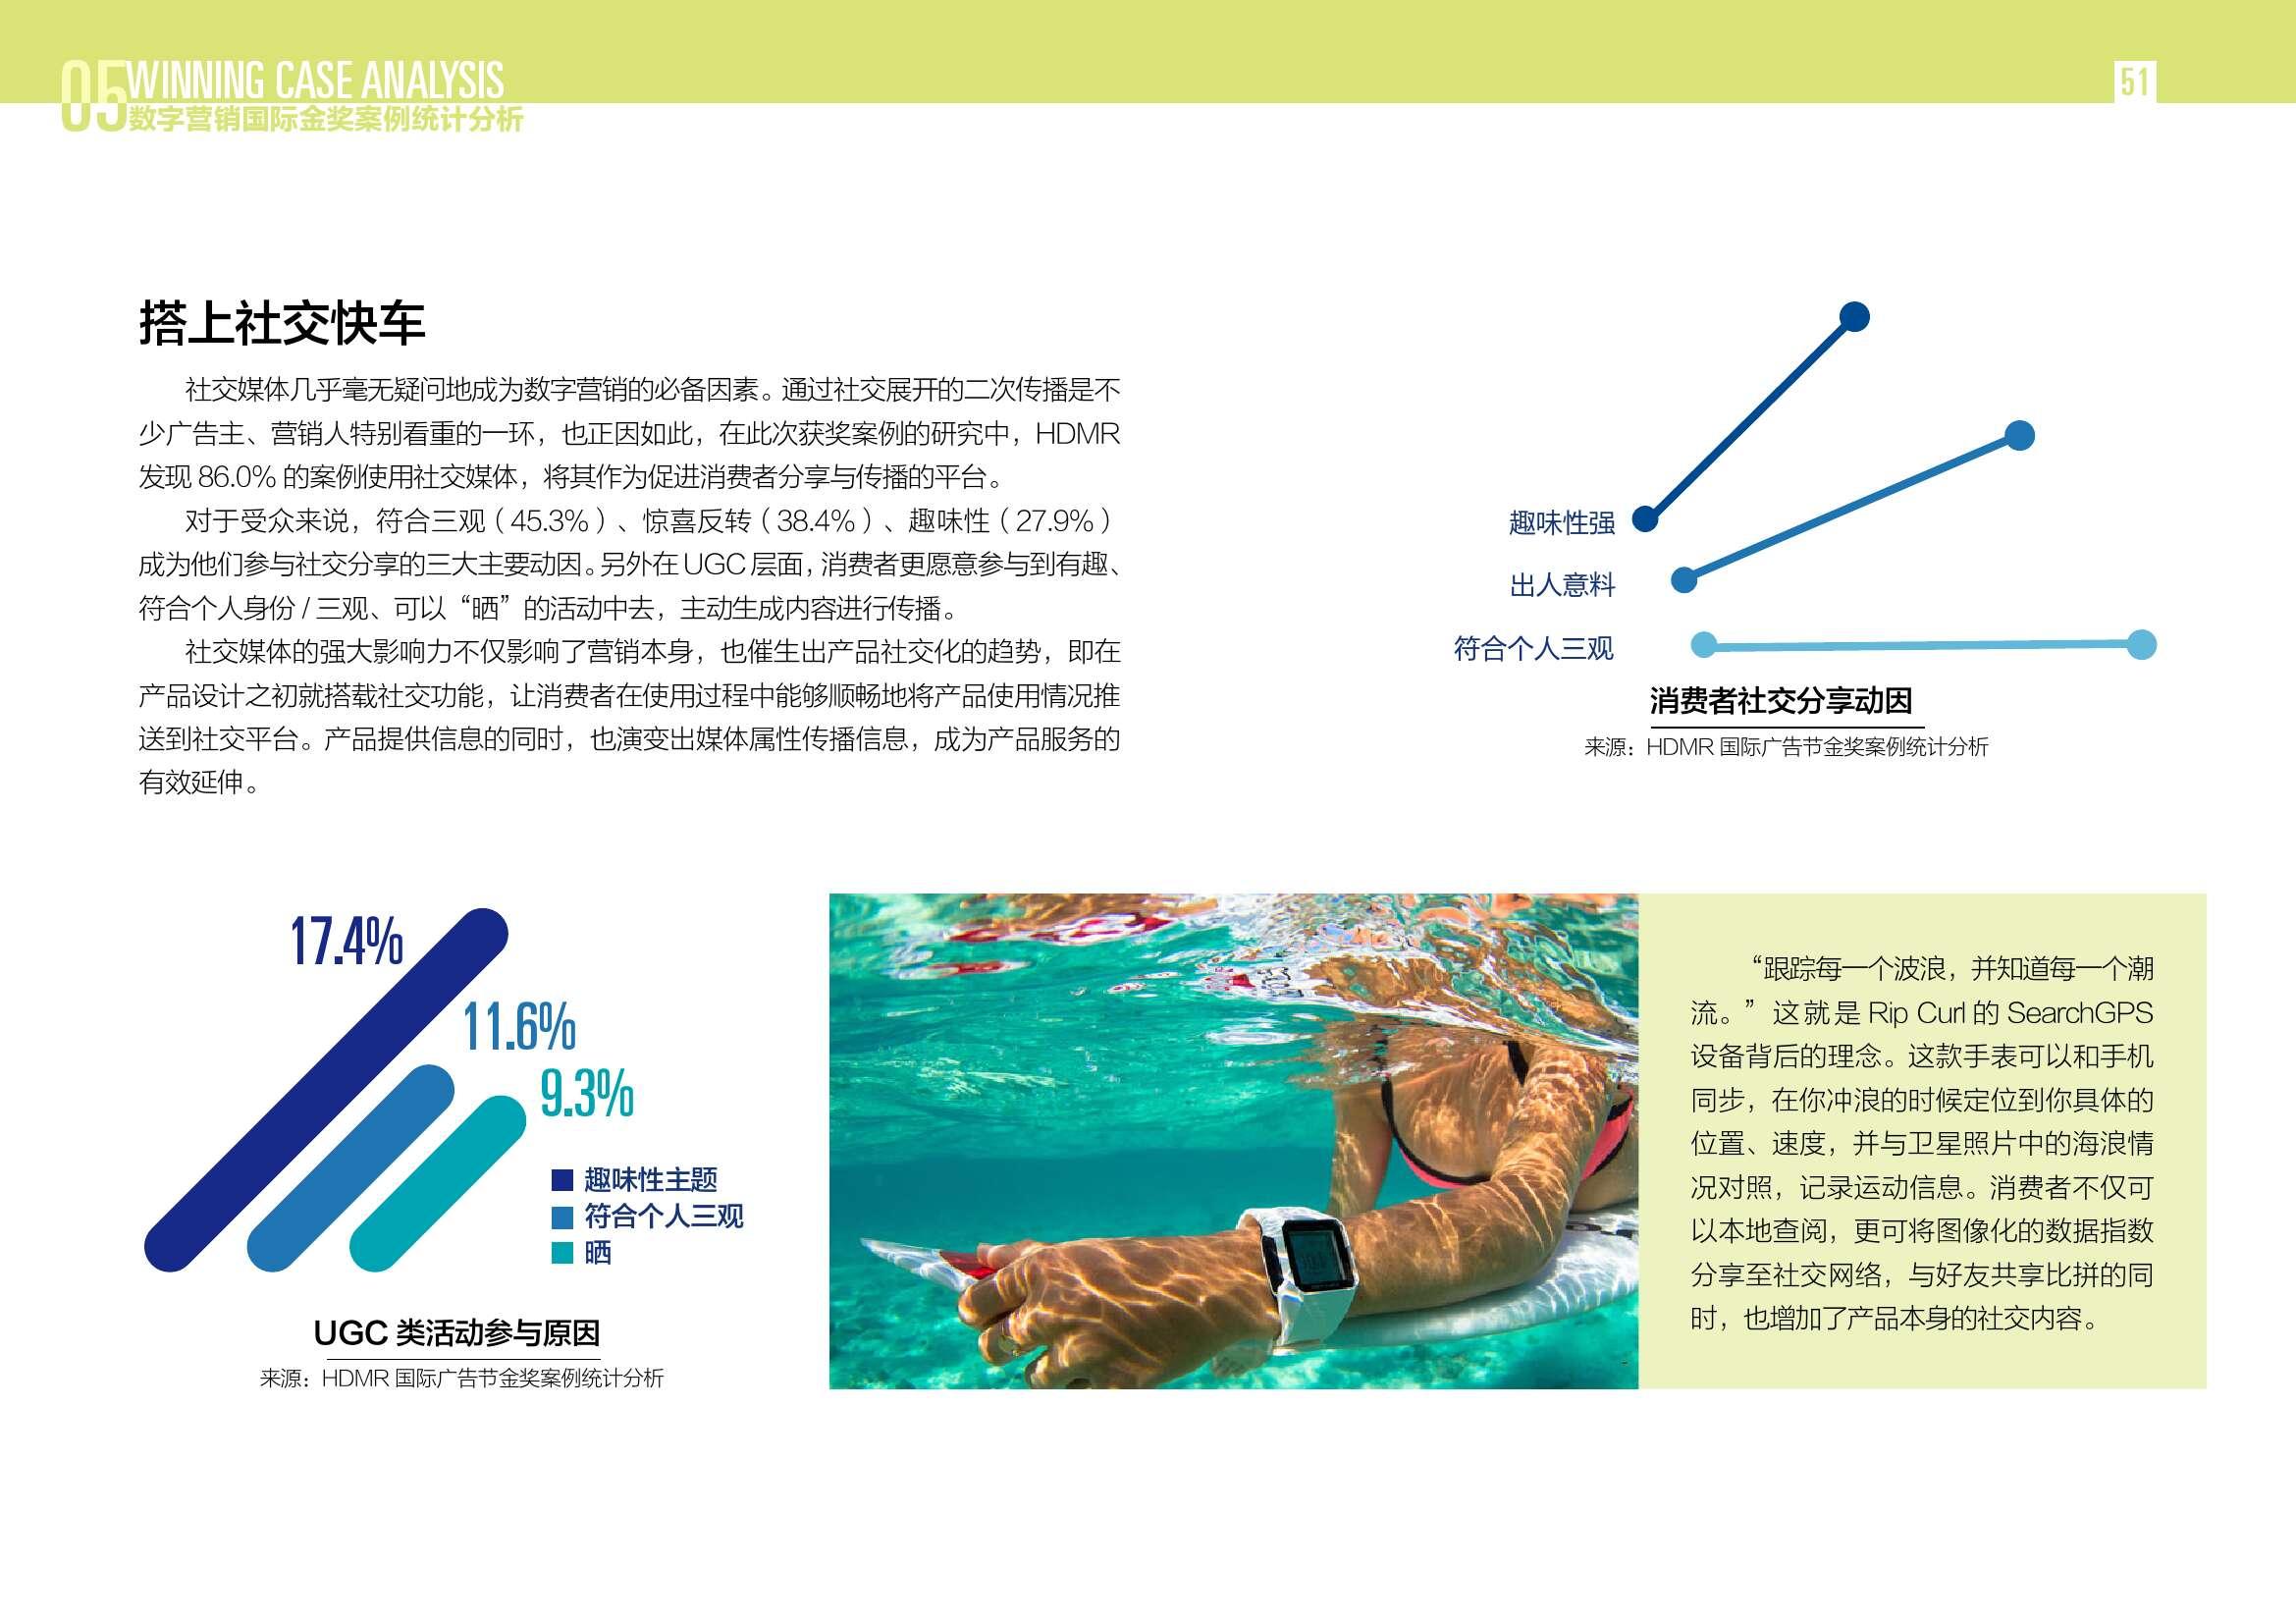 2016中国数字营销行动报告_000051